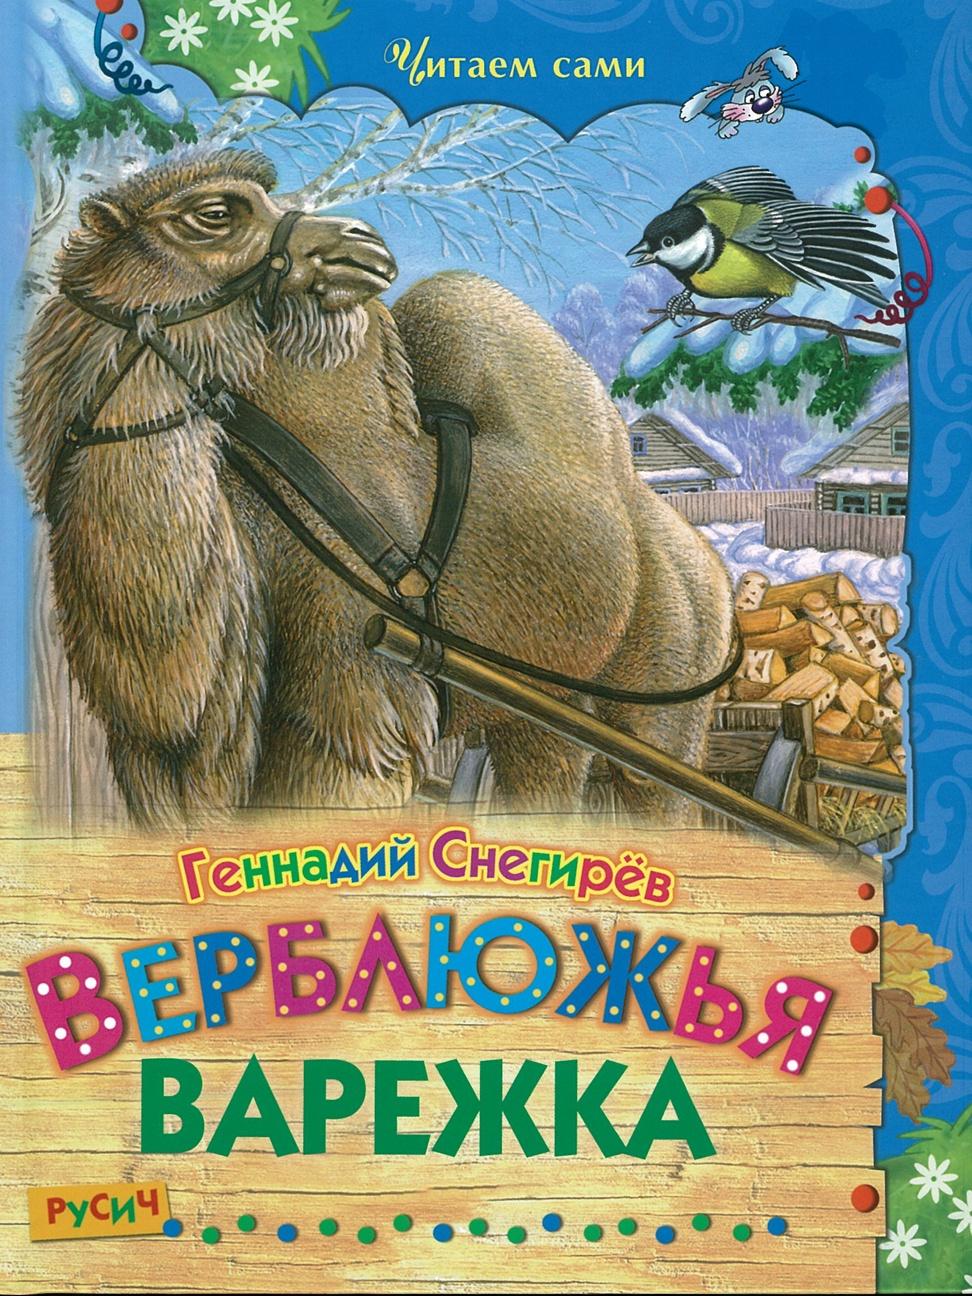 Геннадий Снегирёв Верблюжья варежка александр снегирёв строчка в октябре